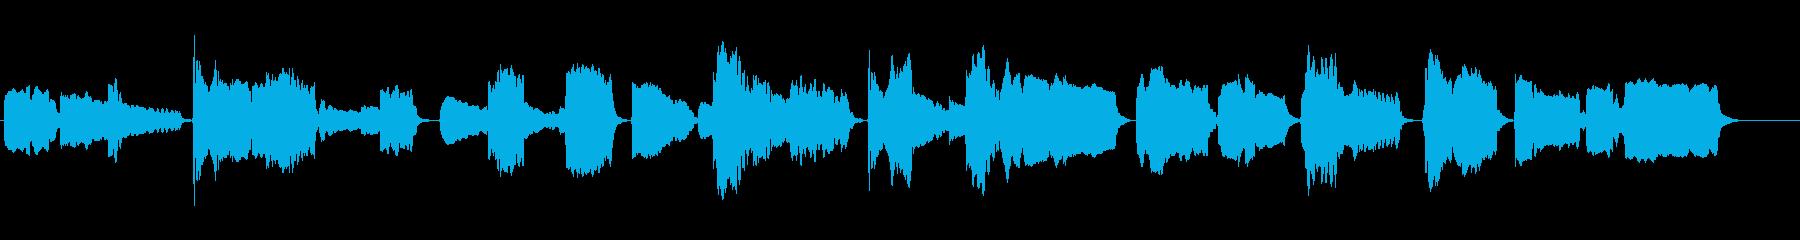 さびしげなトランペットソロの再生済みの波形